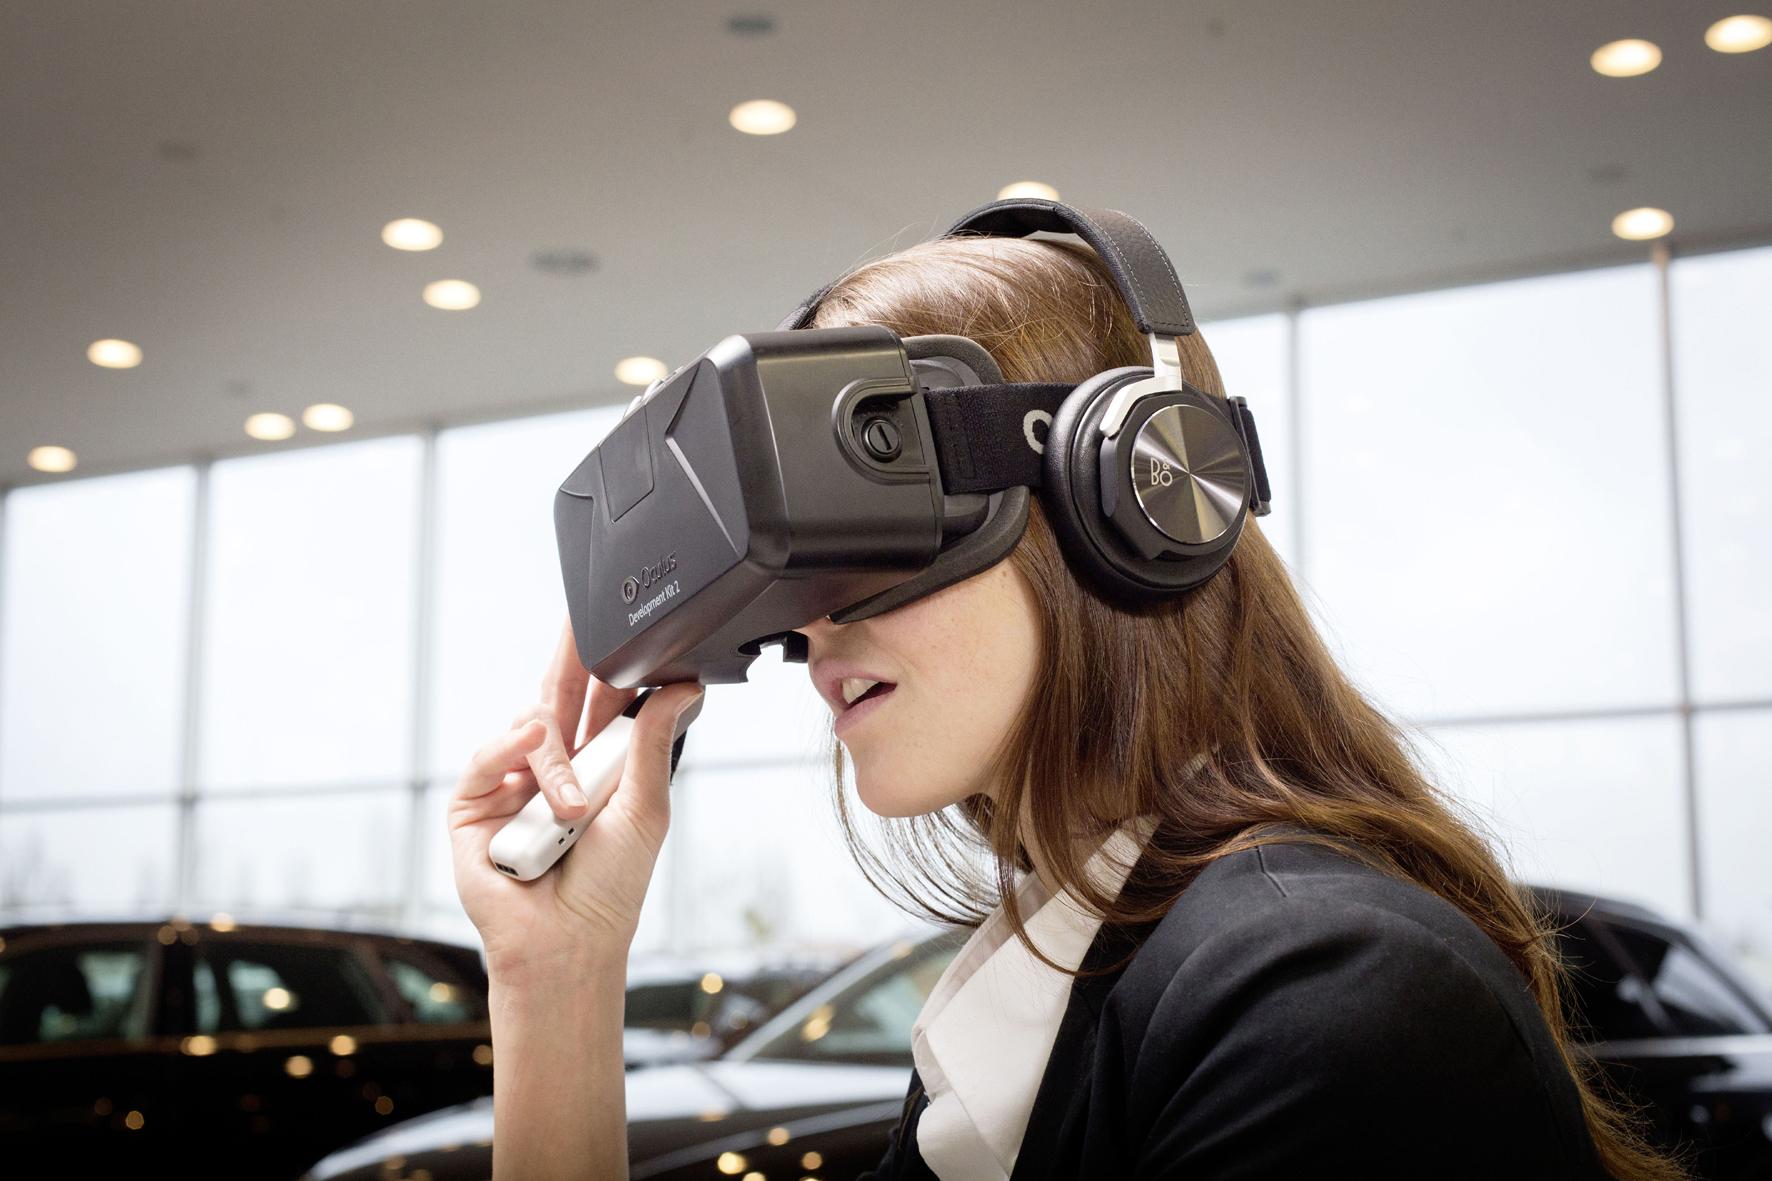 Kaufberatung von E-Autohändlern aus Sicht von Testkunden noch negativ